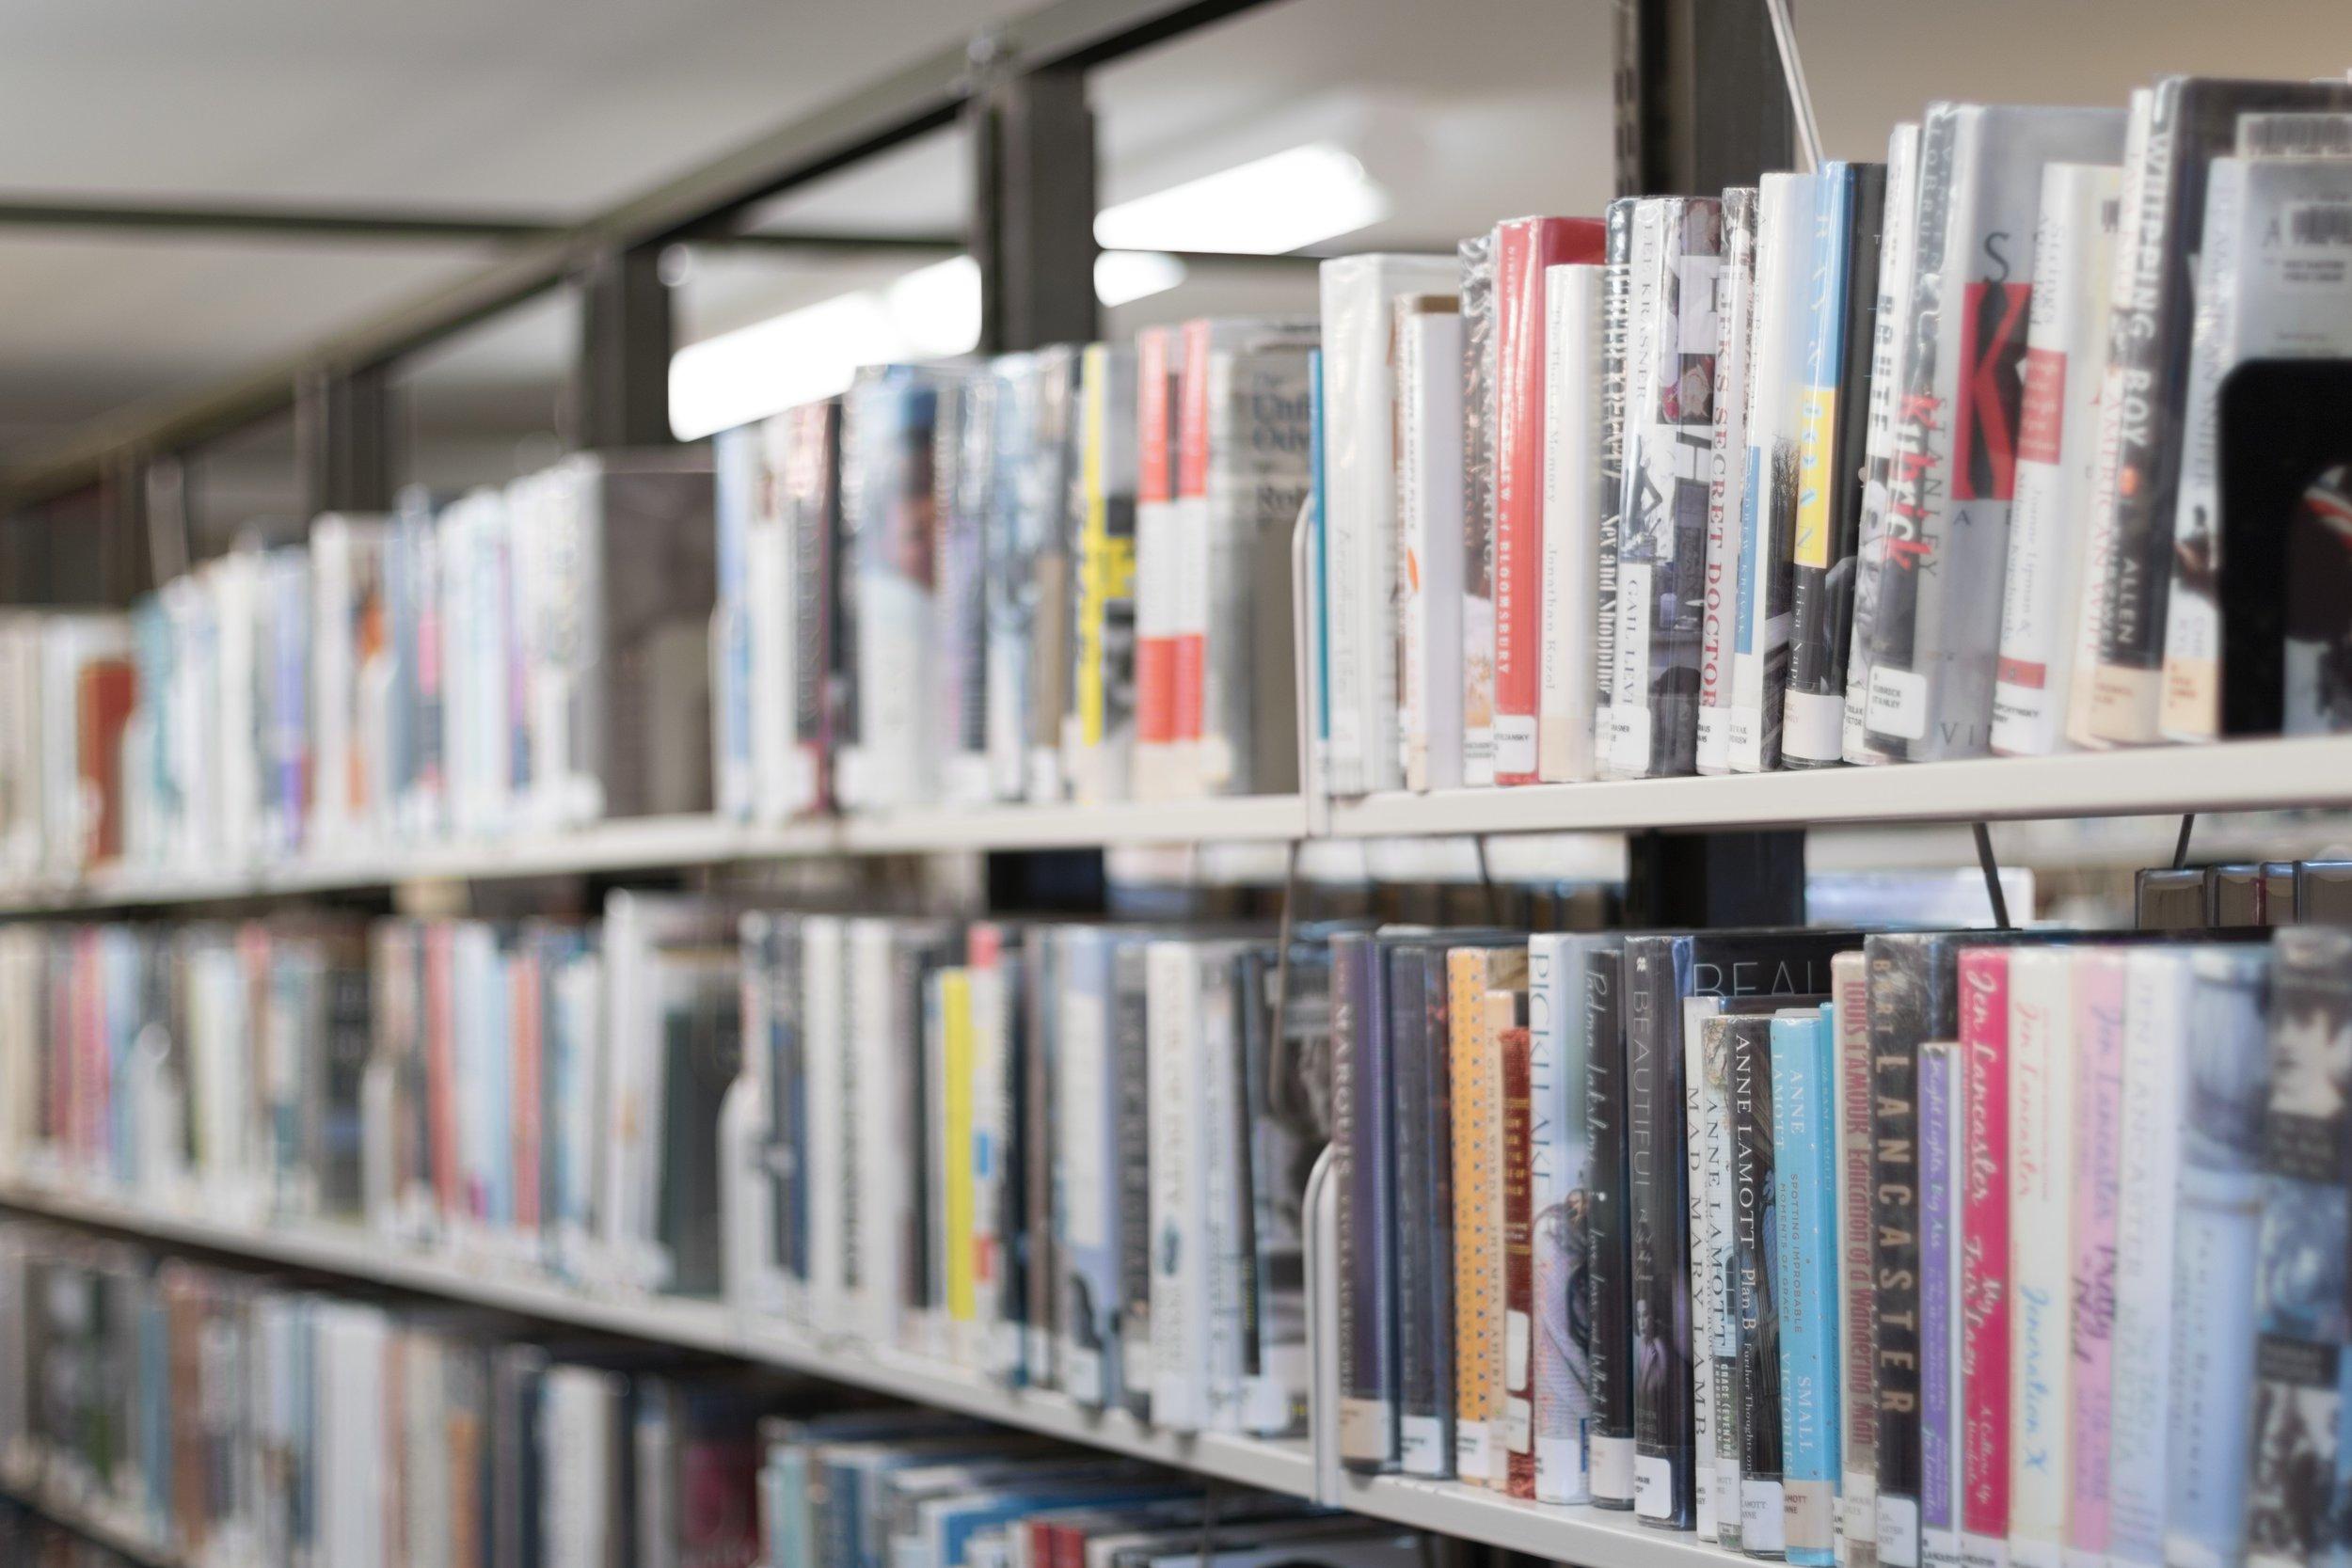 books-bookshelves-bookstore-1184589.jpg